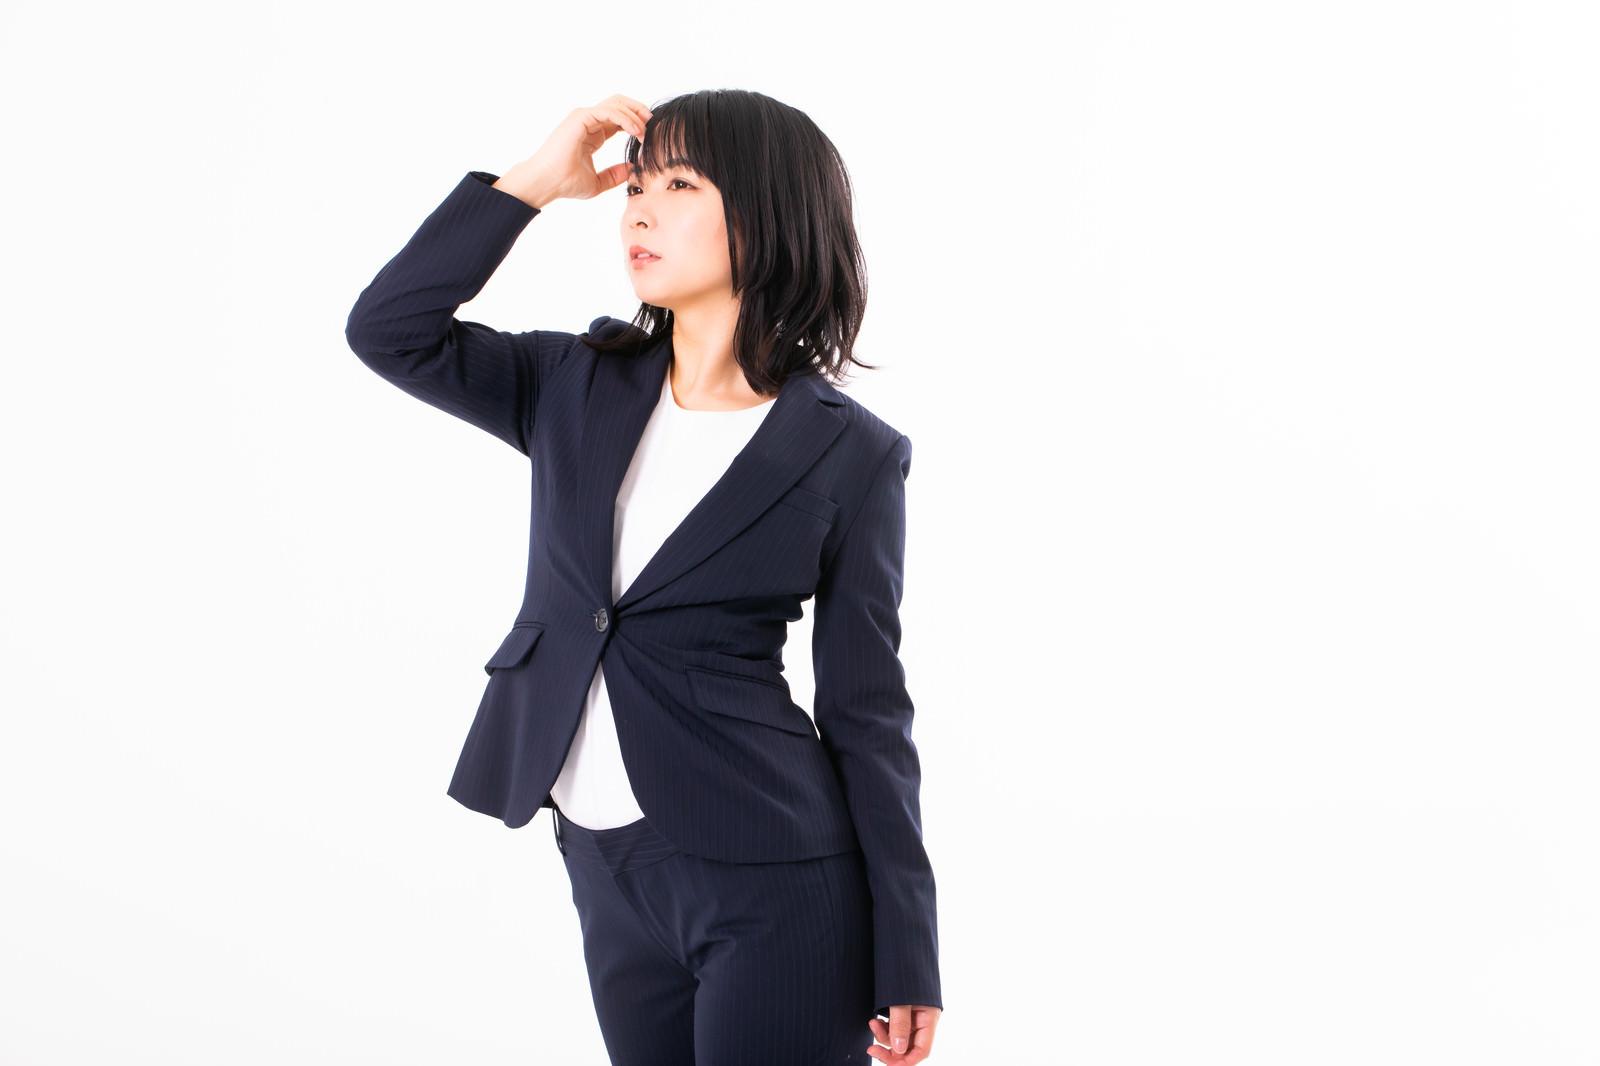 仕事ができそうなスーツ姿の女性会社員のフリー素材